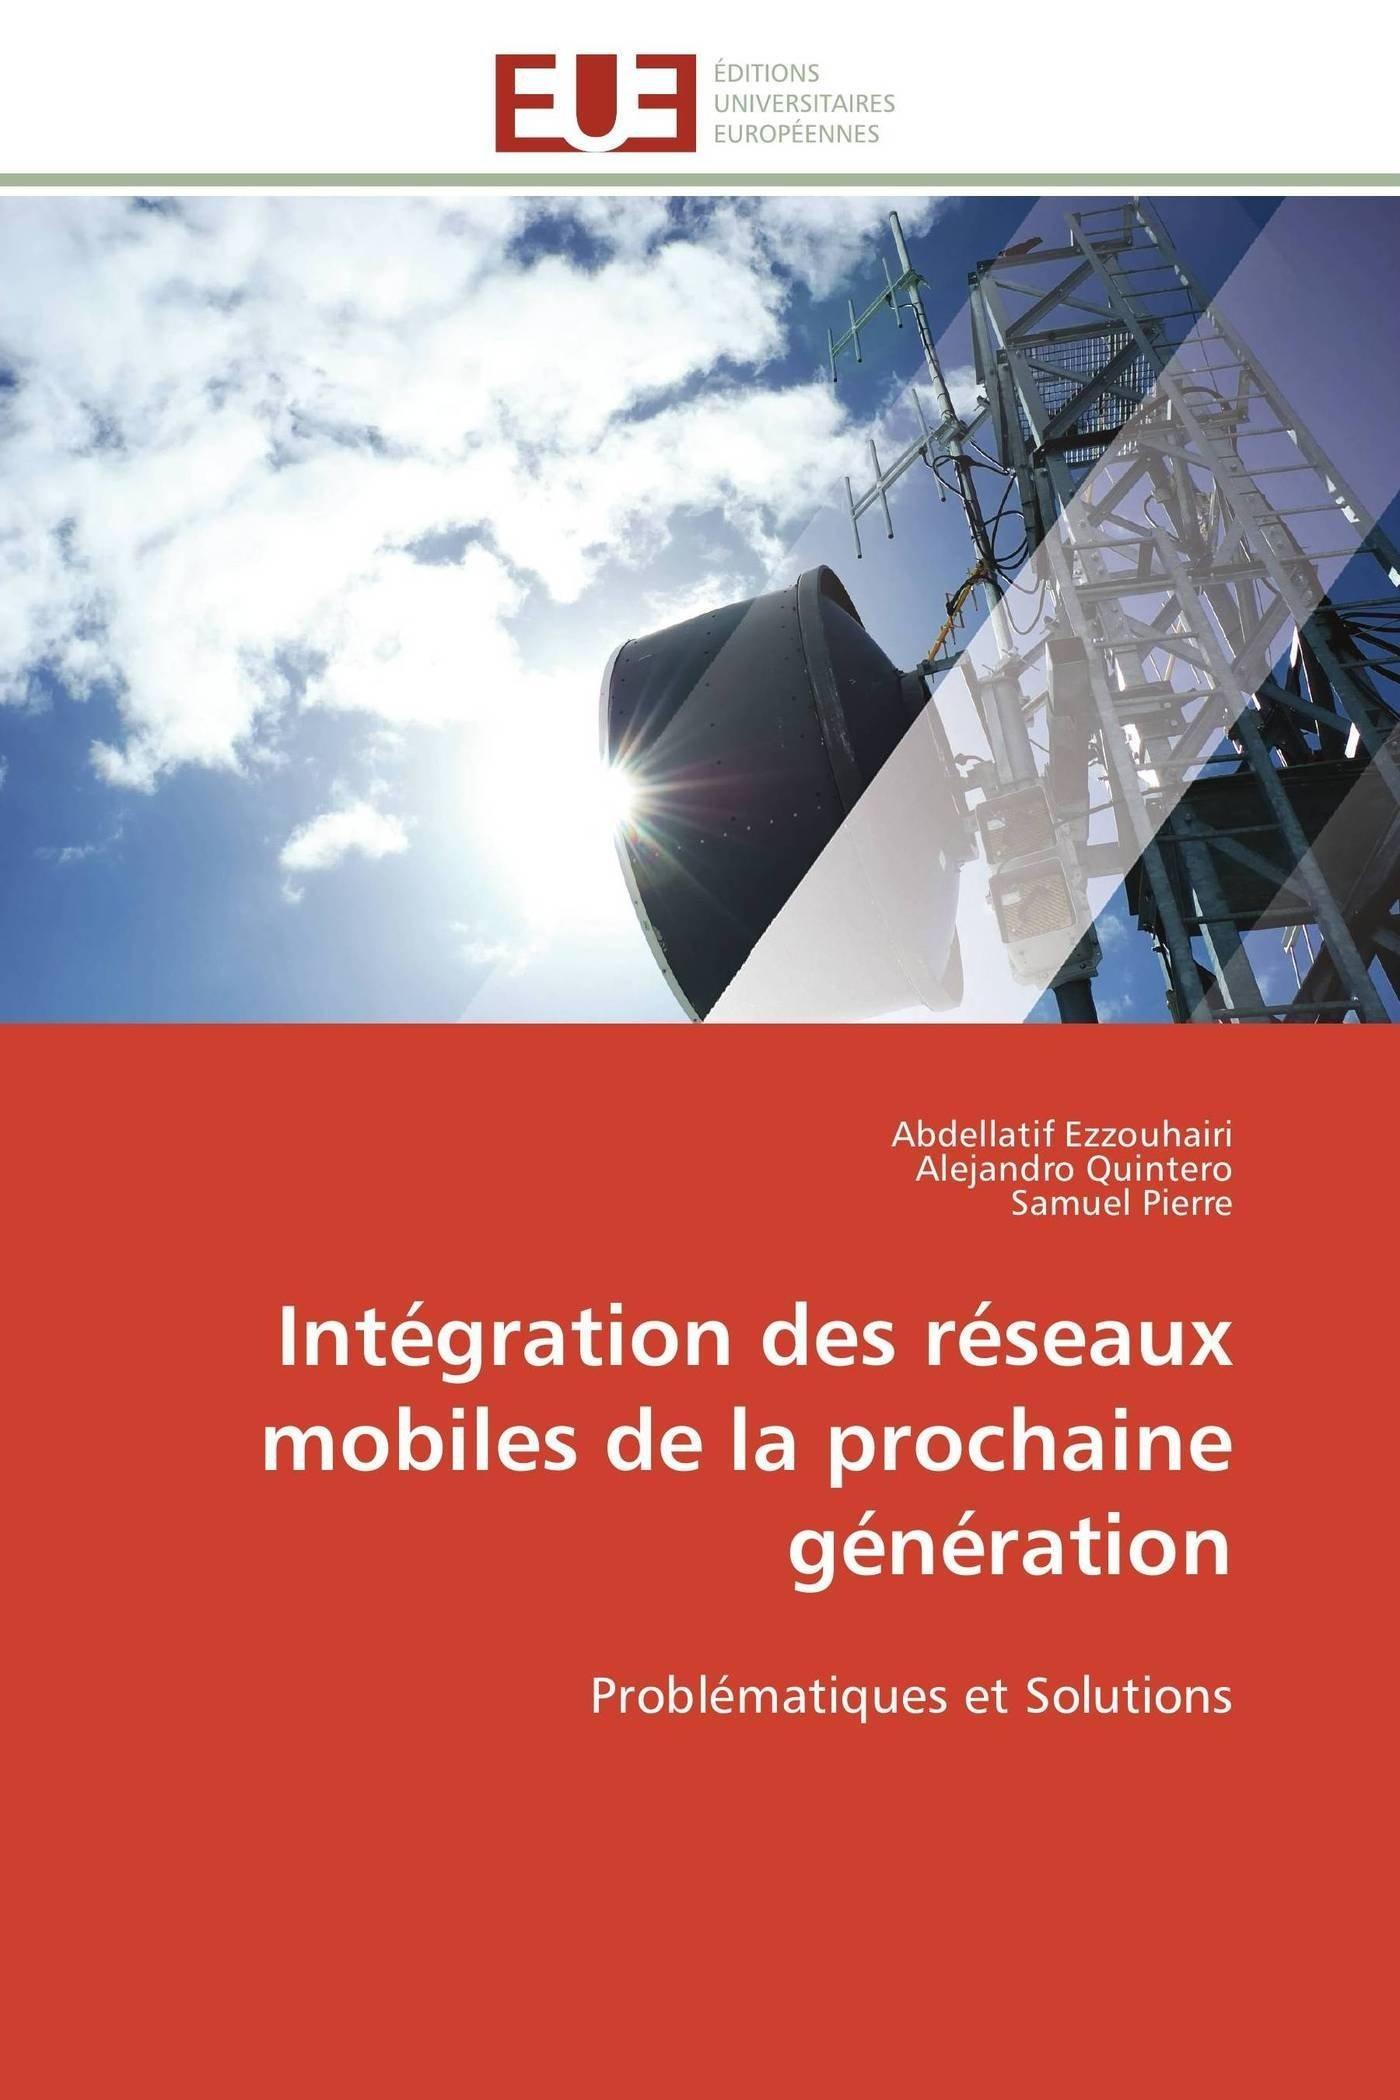 Intégration des réseaux mobiles de la prochaine génération Broché – 1 décembre 2011 Abdellatif Ezzouhairi Alejandro Quintero Samuel Pierre Univ Européenne